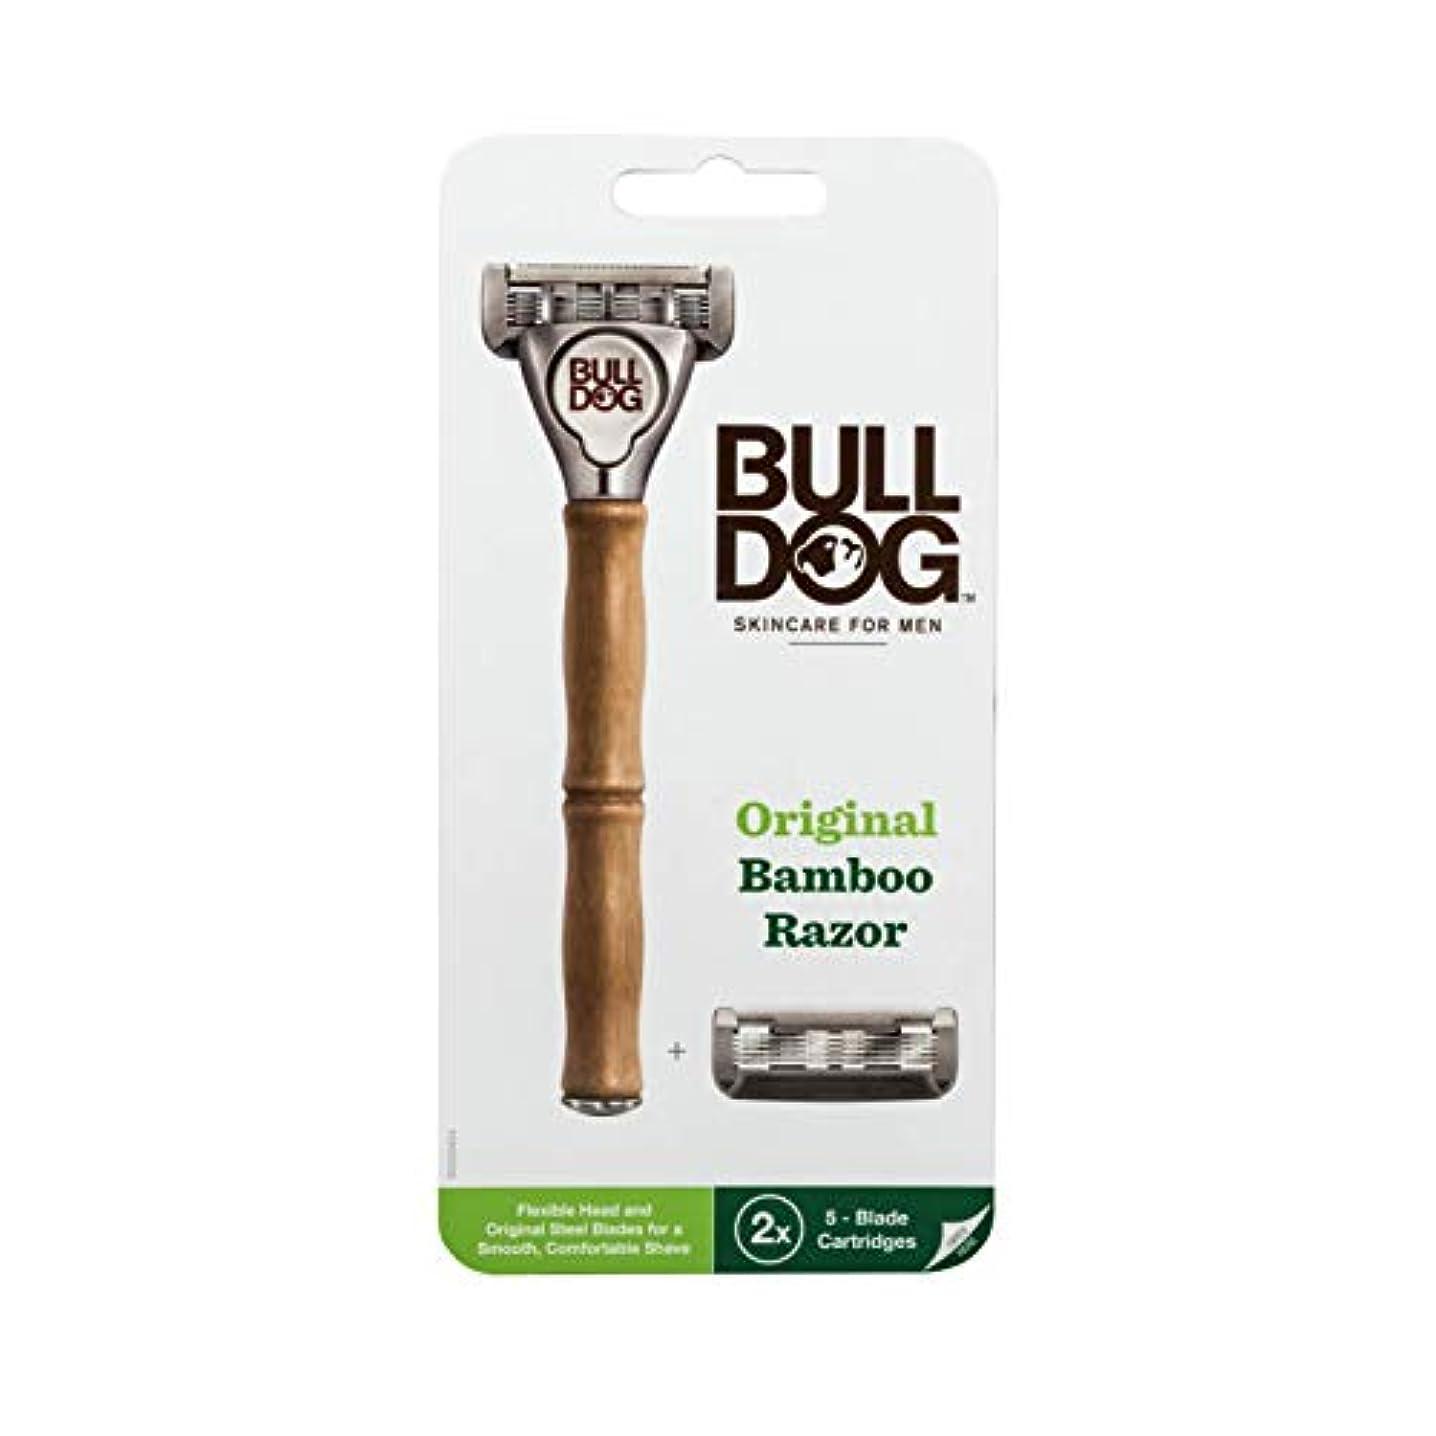 いくつかの汚染空Bulldog(ブルドッグ) ブルドッグ Bulldog 5枚刃 オリジナルバンブーホルダー 水に強い竹製ハンドル 替刃 2コ付 男性カミソリ ホルダー(1本)、替刃2コ付き(内1コ本体装着済み)